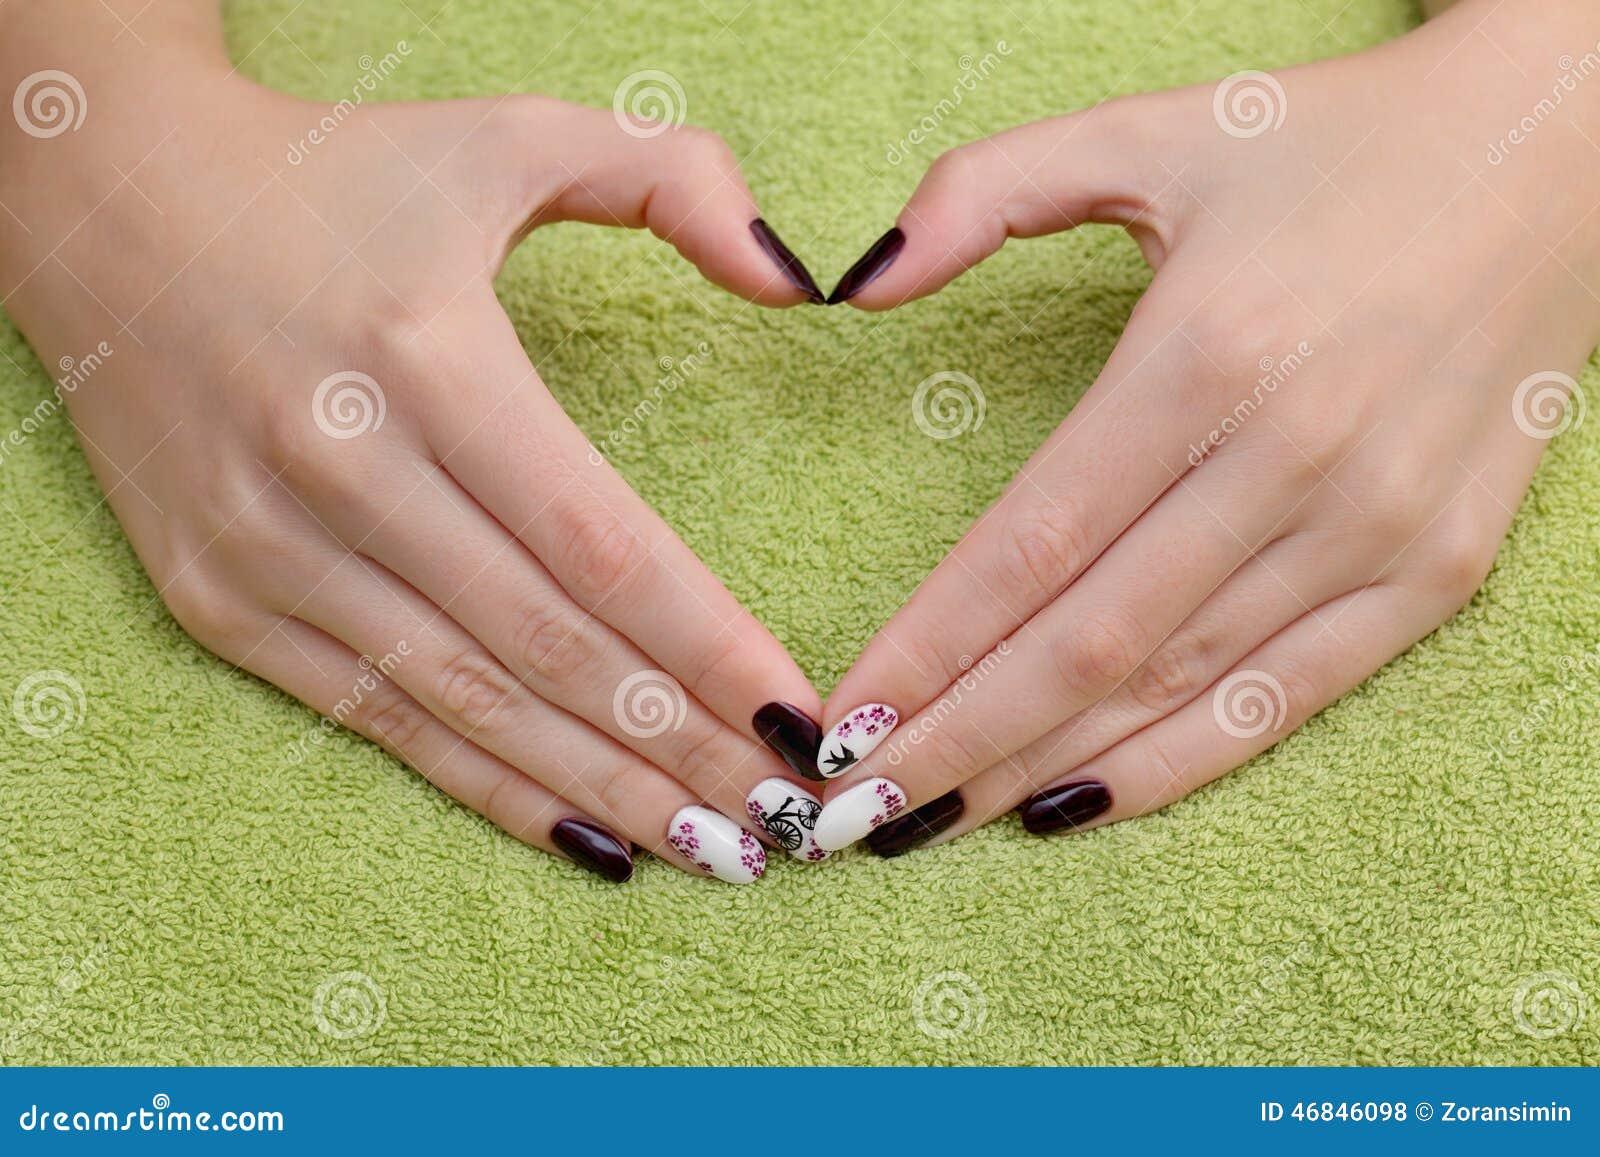 El Tratamiento De La Belleza De Las Uñas, Manos Muestra La Muestra ...